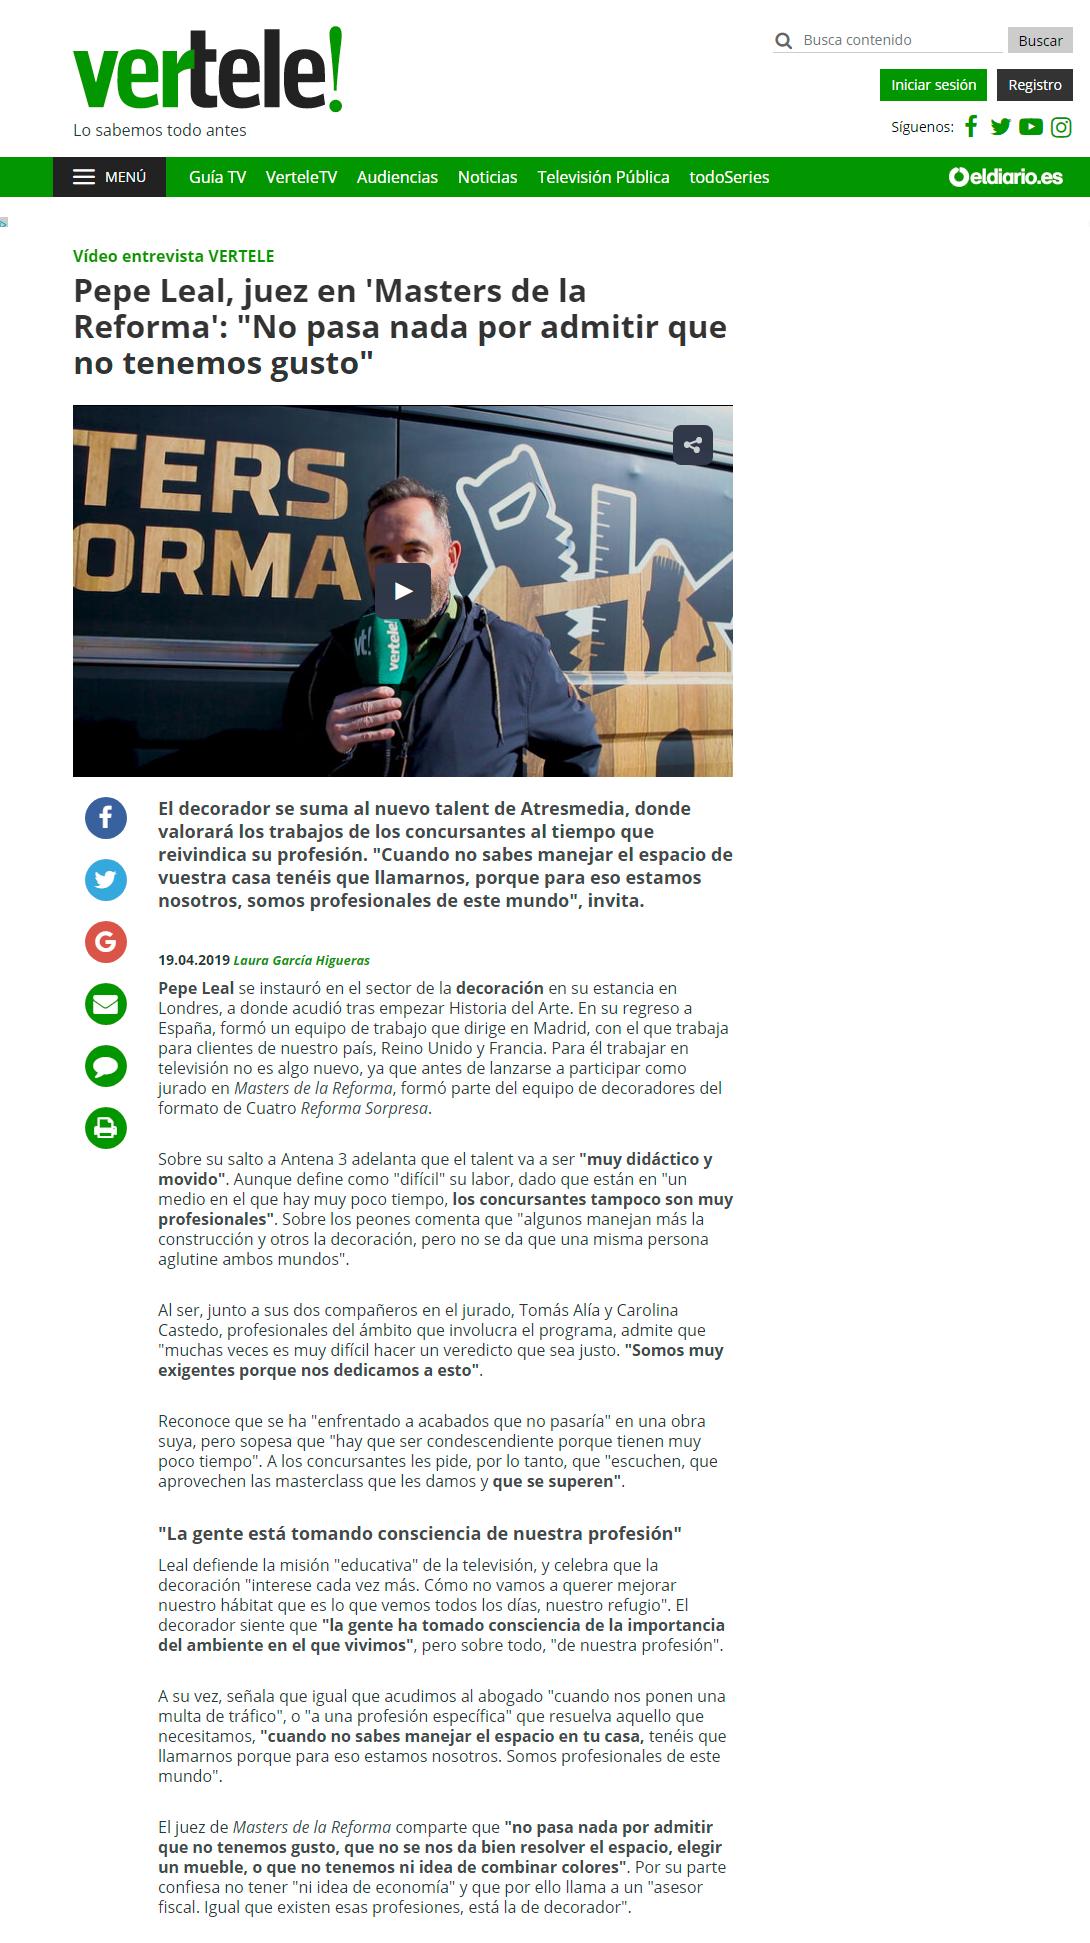 screencapture-vertele-eldiario-es-noticias-Entrevista-Pepe-Leal-Masters-Reforma-antena3-decorador-2-2113008687-html-2019-04-25-12_47_27.png